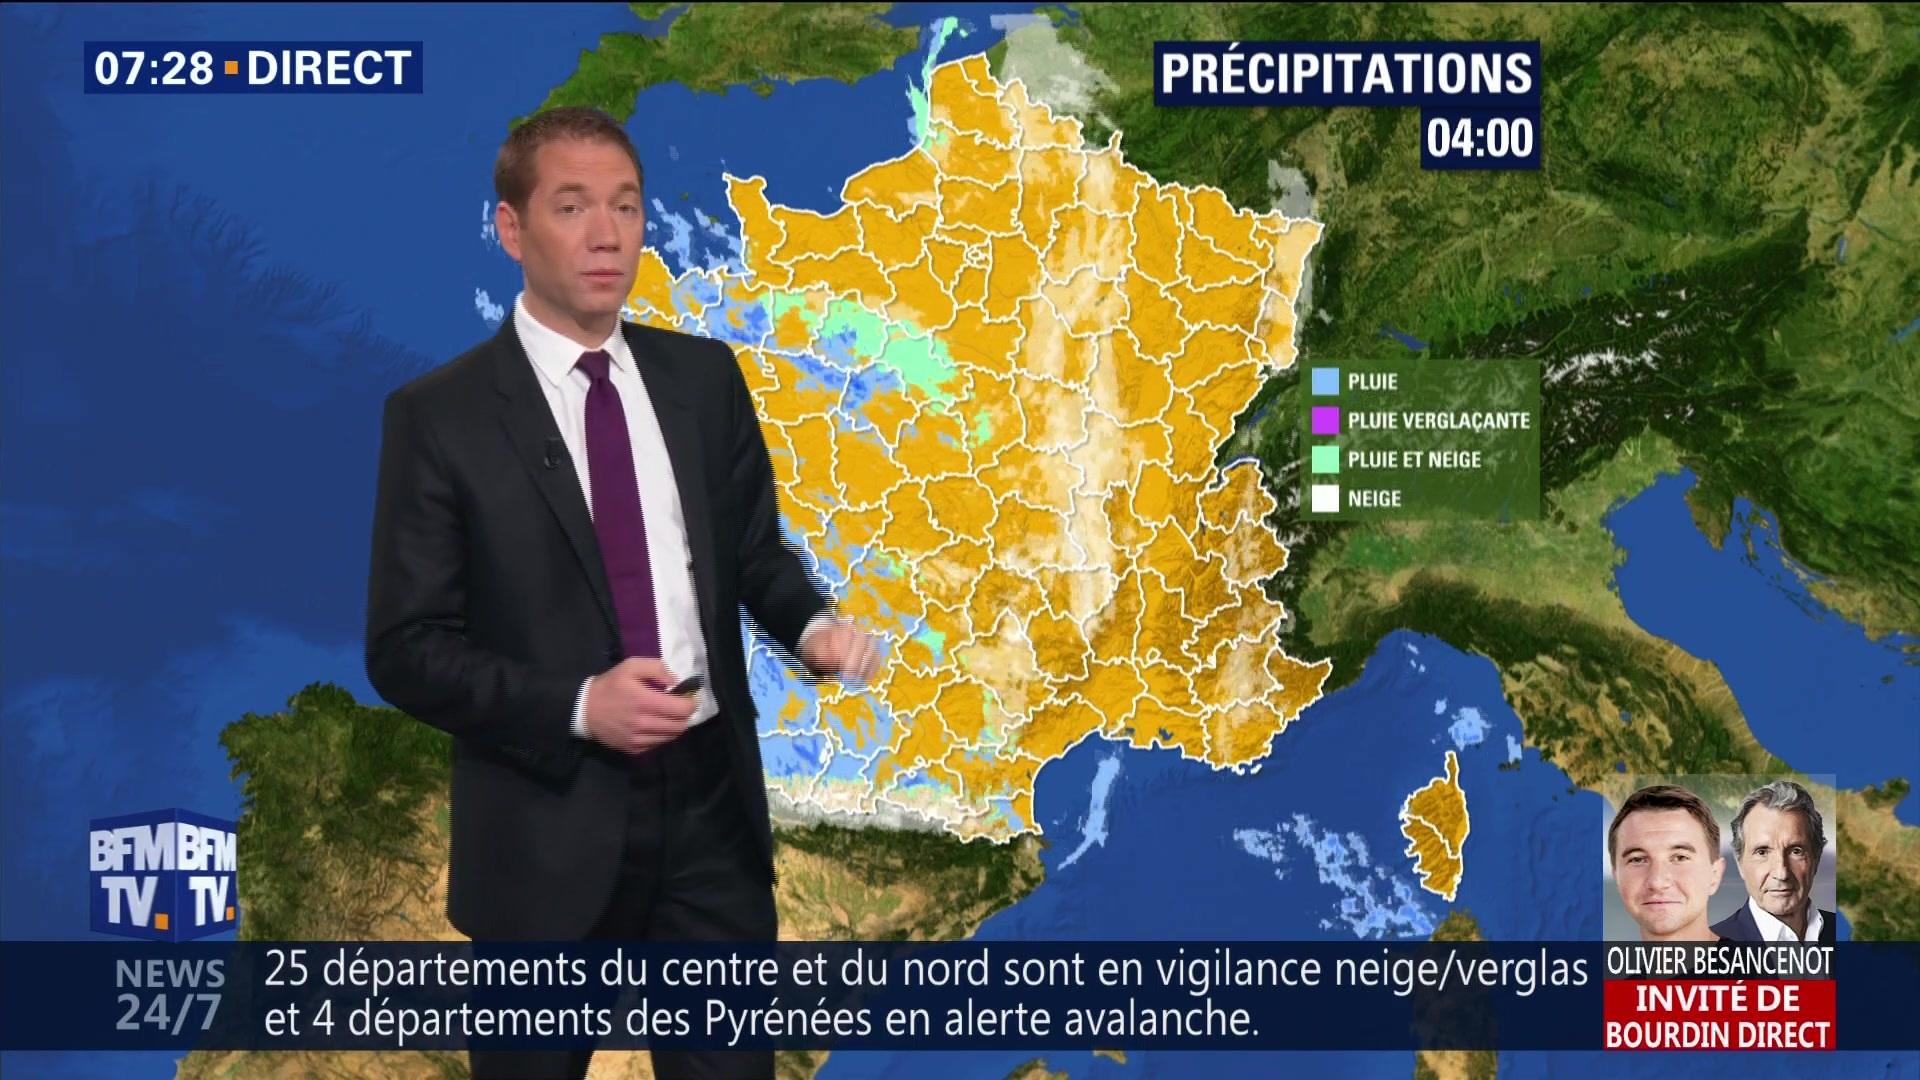 En VIDEO - La météo de ce mercredi 23 janvier 2019